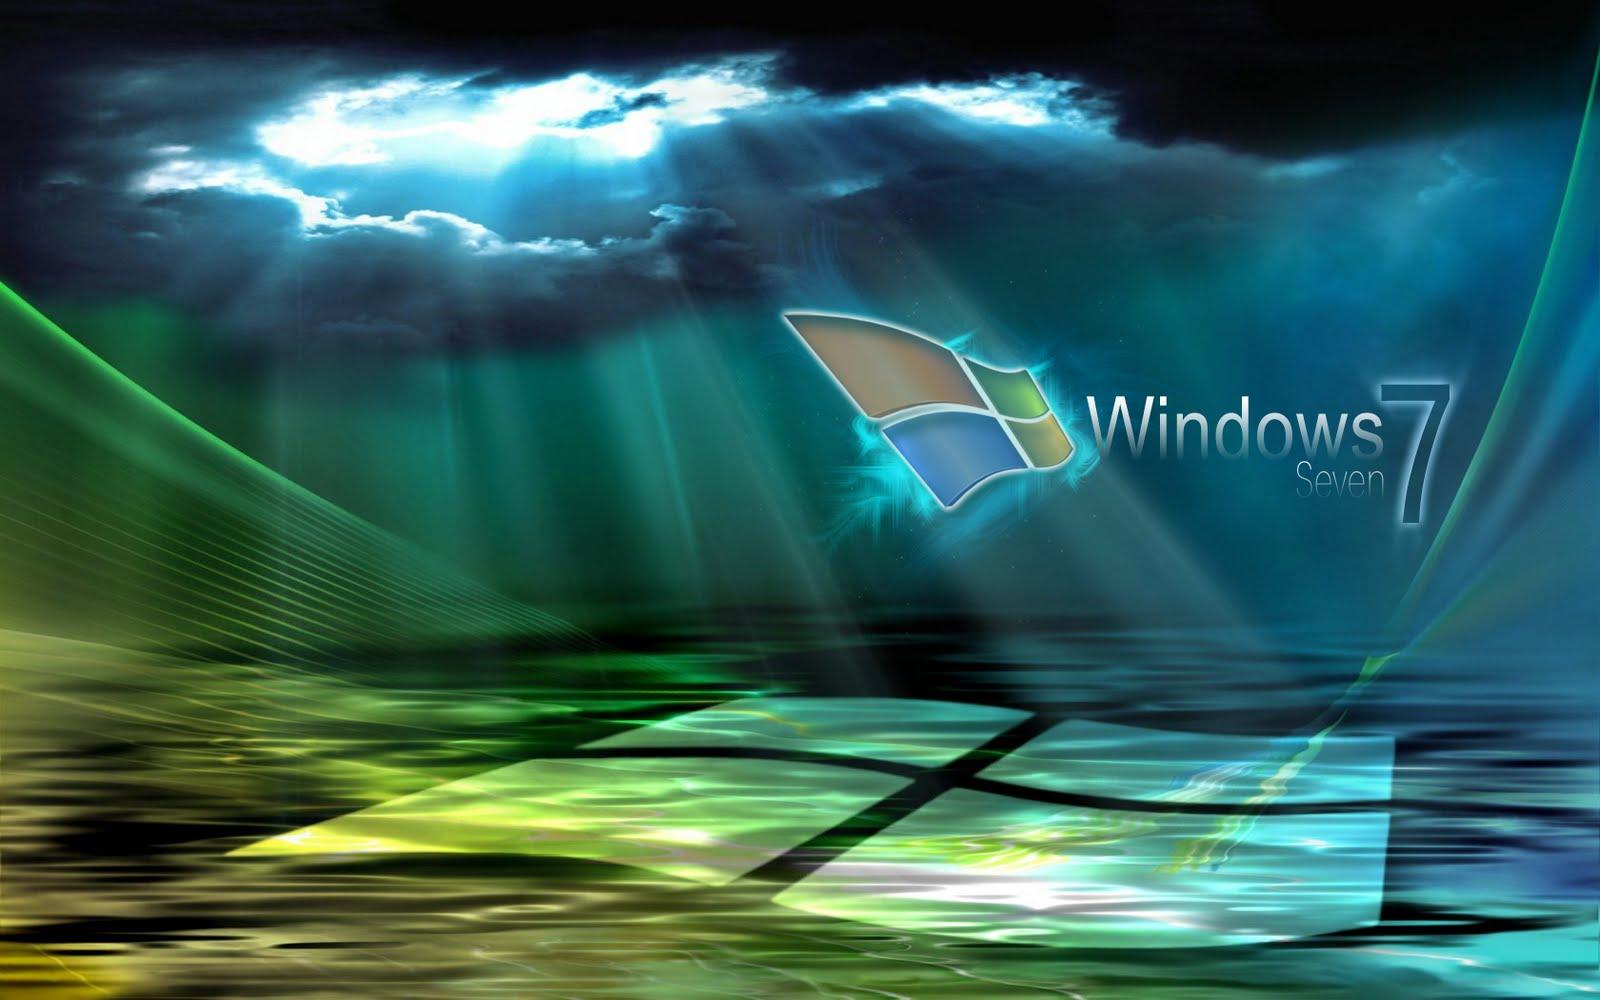 http://2.bp.blogspot.com/-PNkKKaoBYjM/TxJM4-ew92I/AAAAAAAACwE/AkxkBdW5z4s/s1600/windows7+3d+wallpaper+pd.jpg